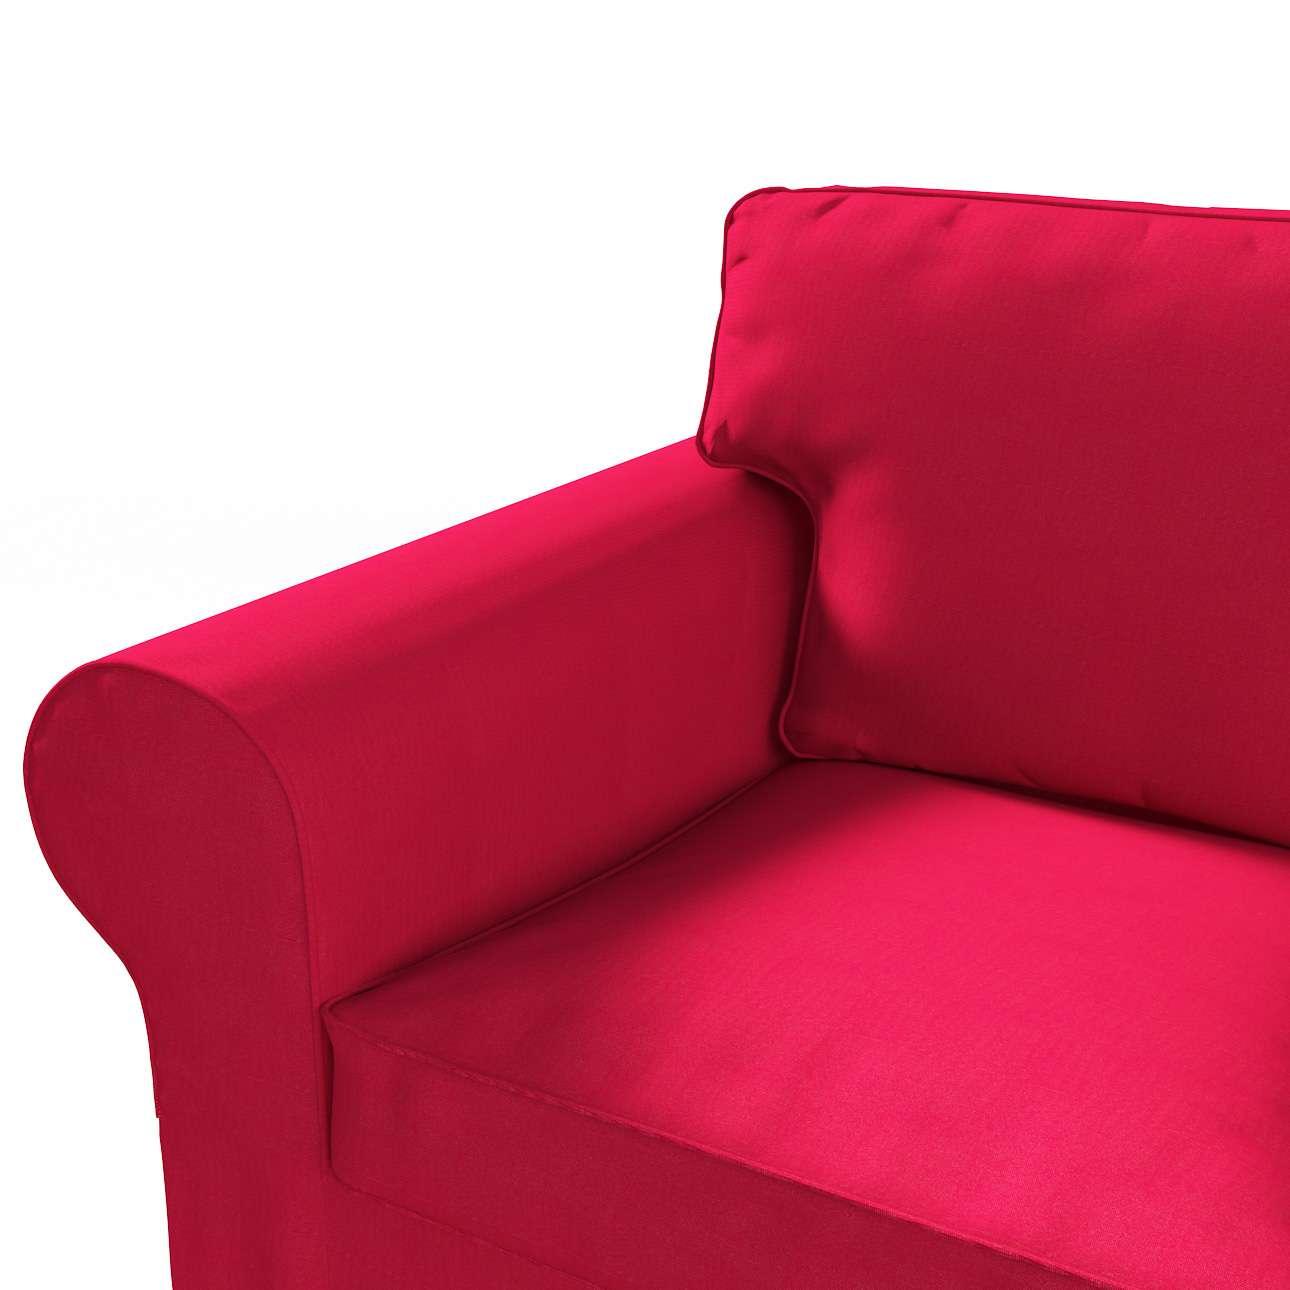 Ektorp trivietės sofos-lovos užvalkalas Ektorp trivietė sofa-lova kolekcijoje Etna , audinys: 705-60